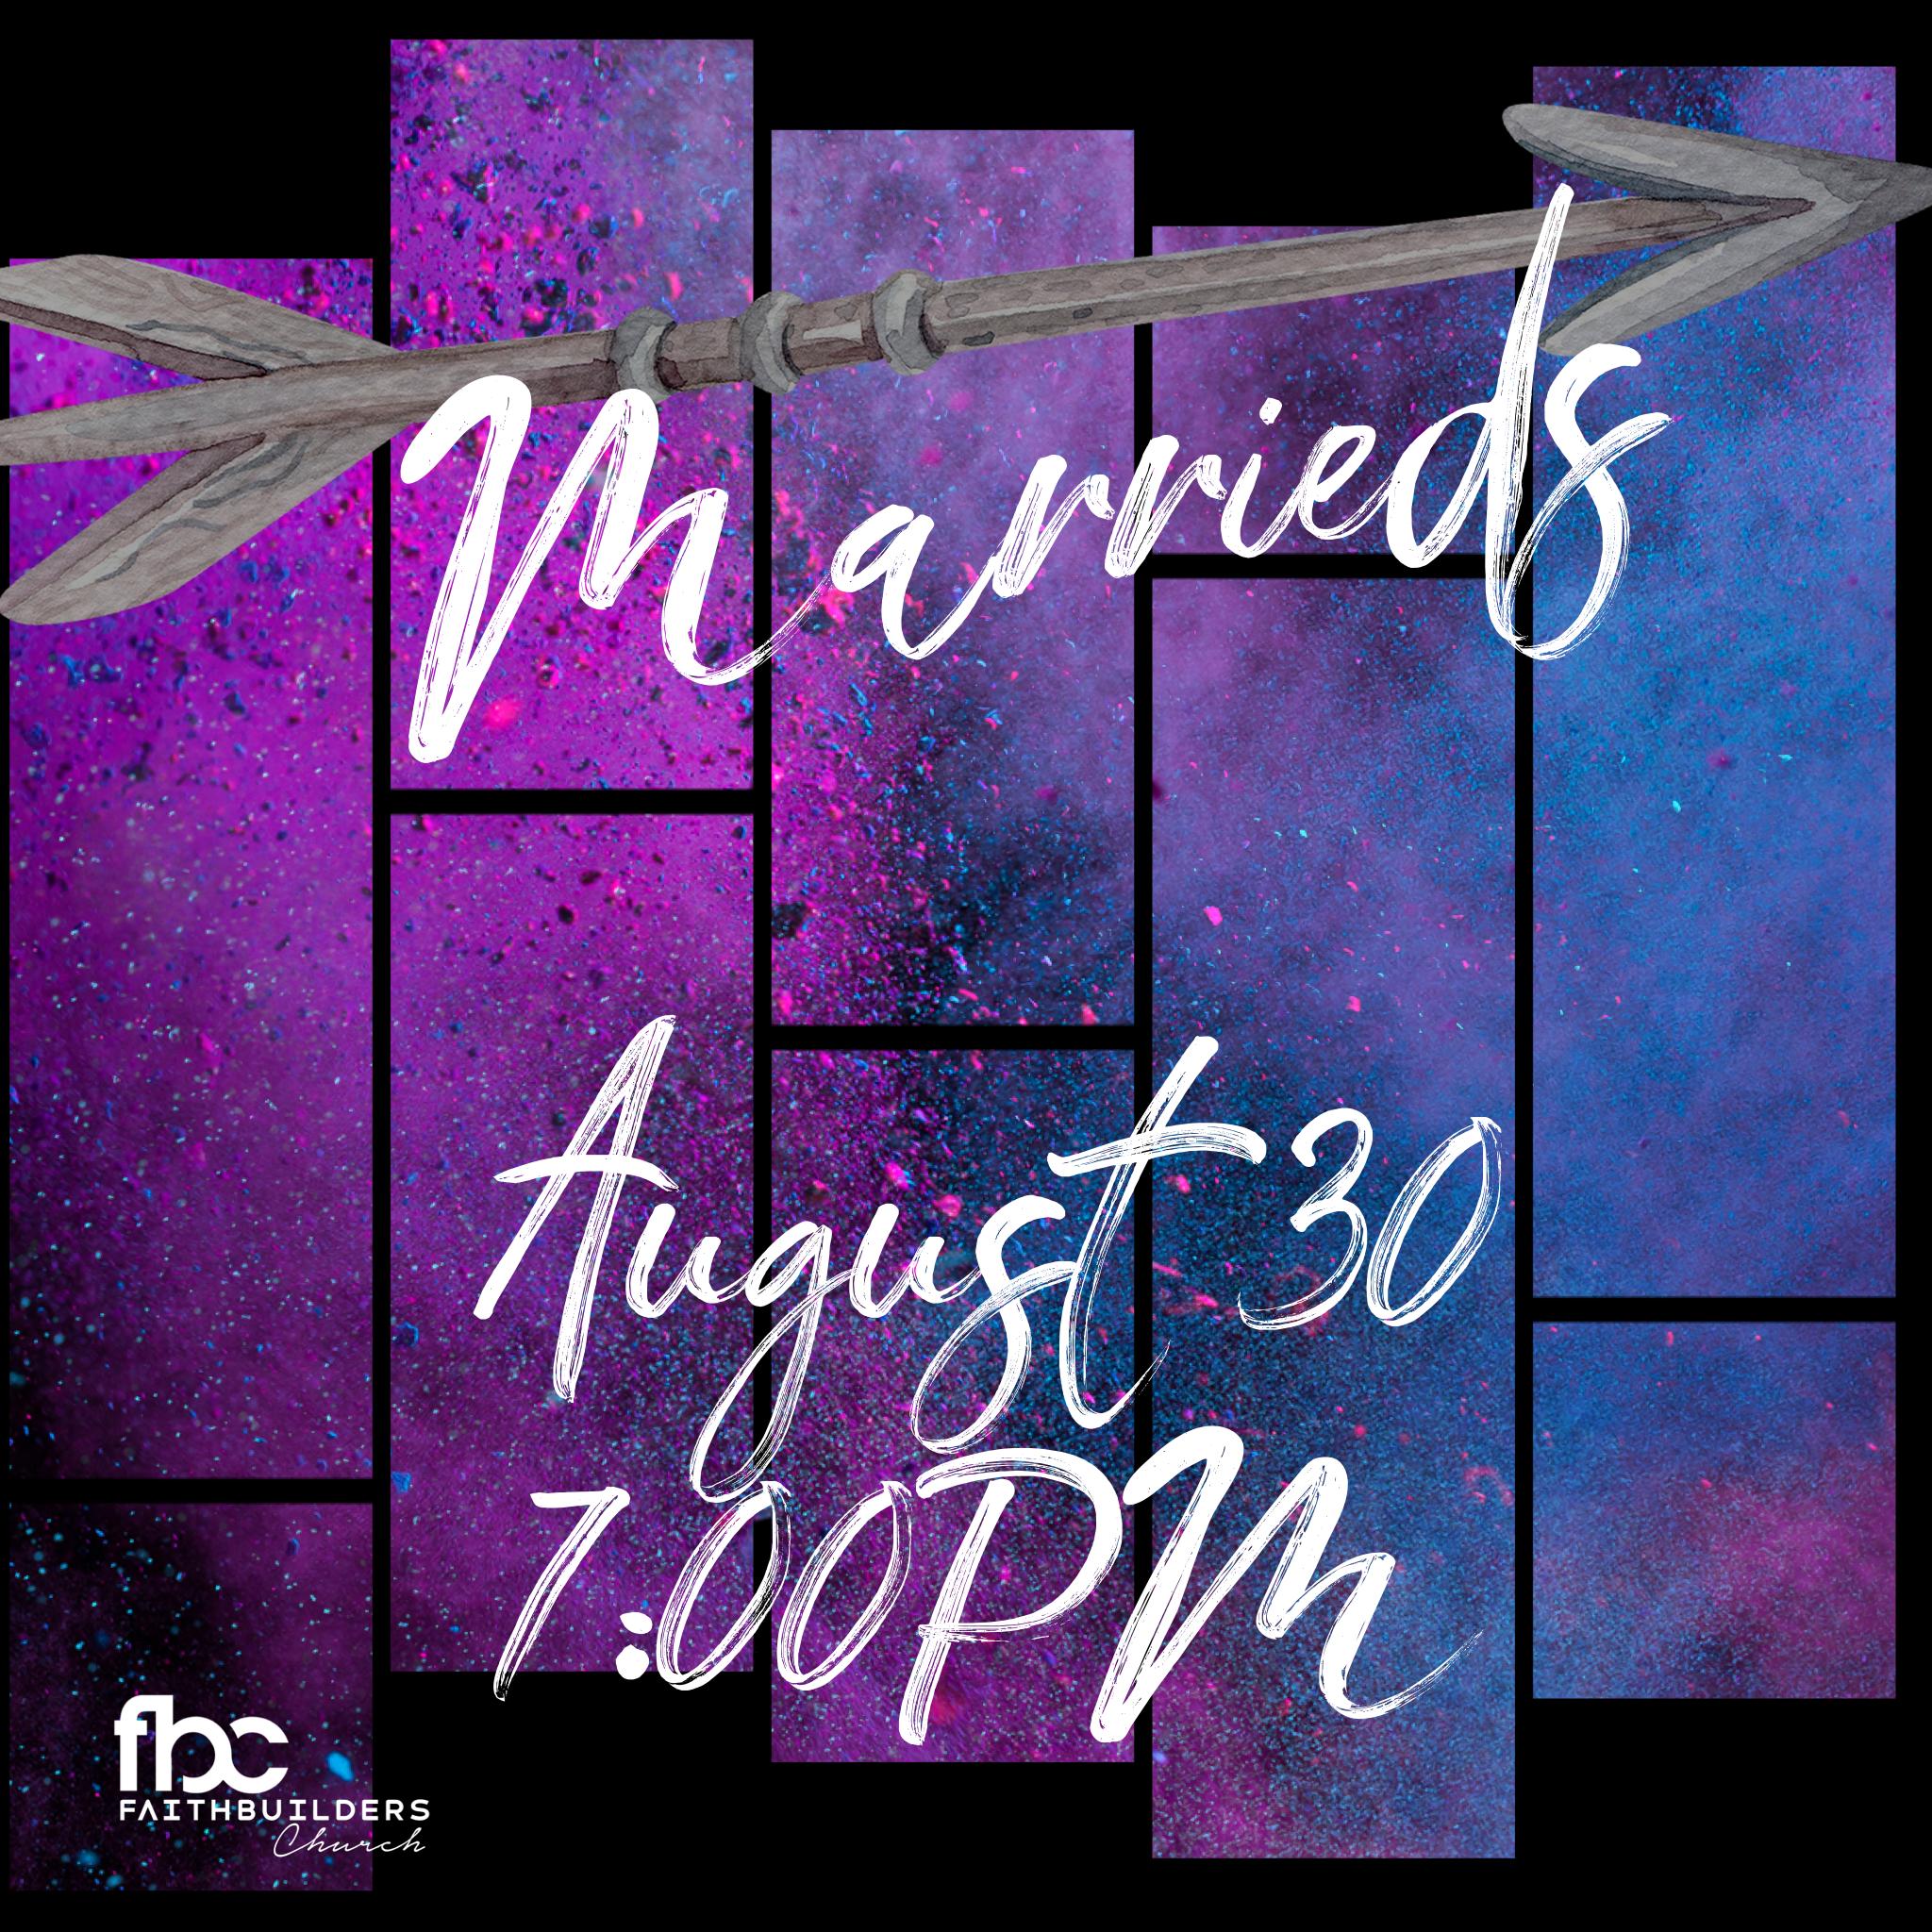 Marrieds Night! - Friday, August 23rd 7:00PMPastor Matt & Ginger McLamb's Home5541 West Saguaro DriveGlendale, AZ 85304